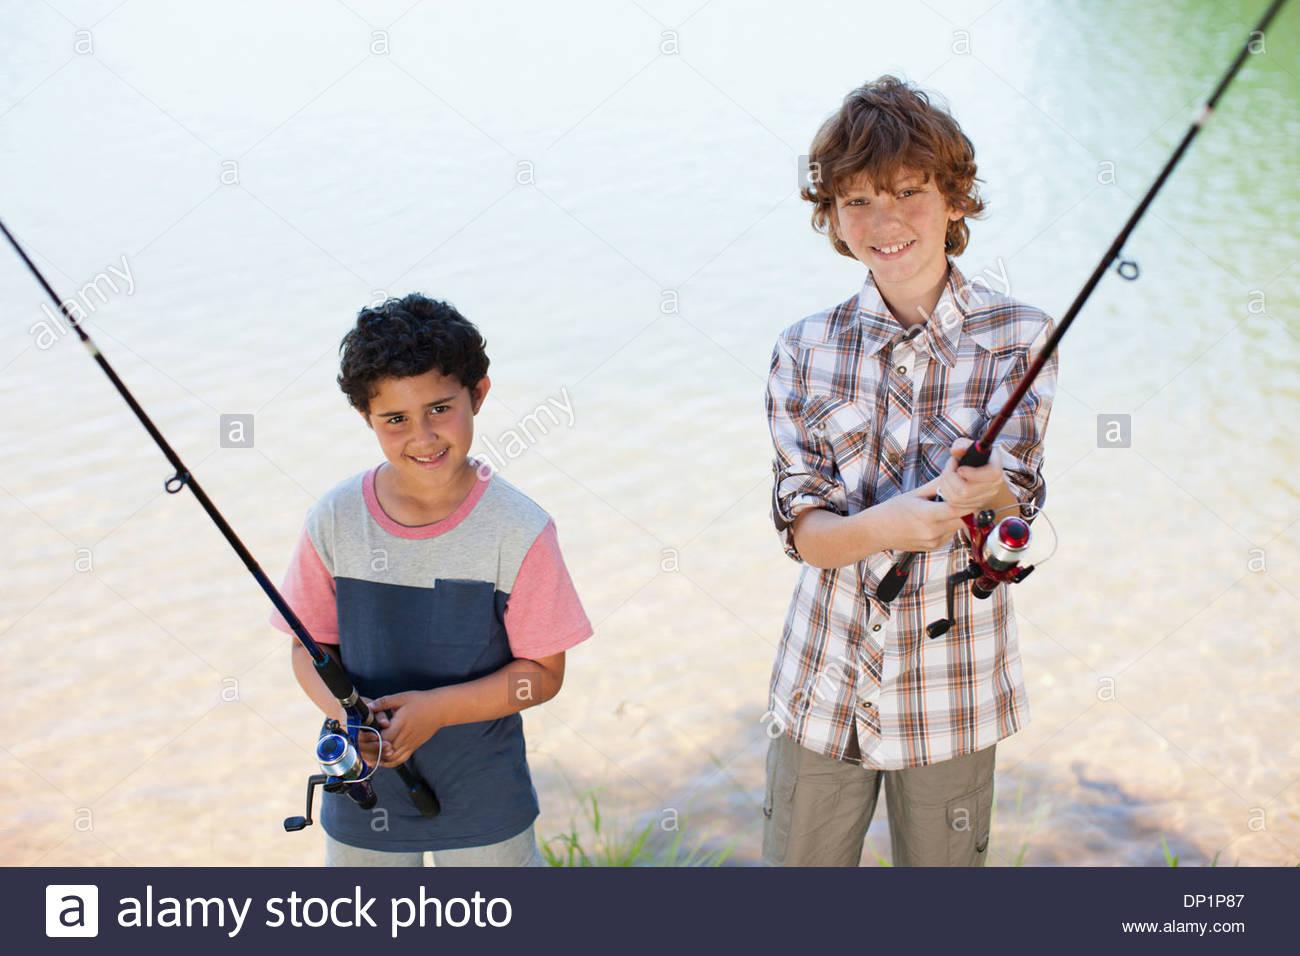 Los niños celebración cañas de pesca lakeside Imagen De Stock